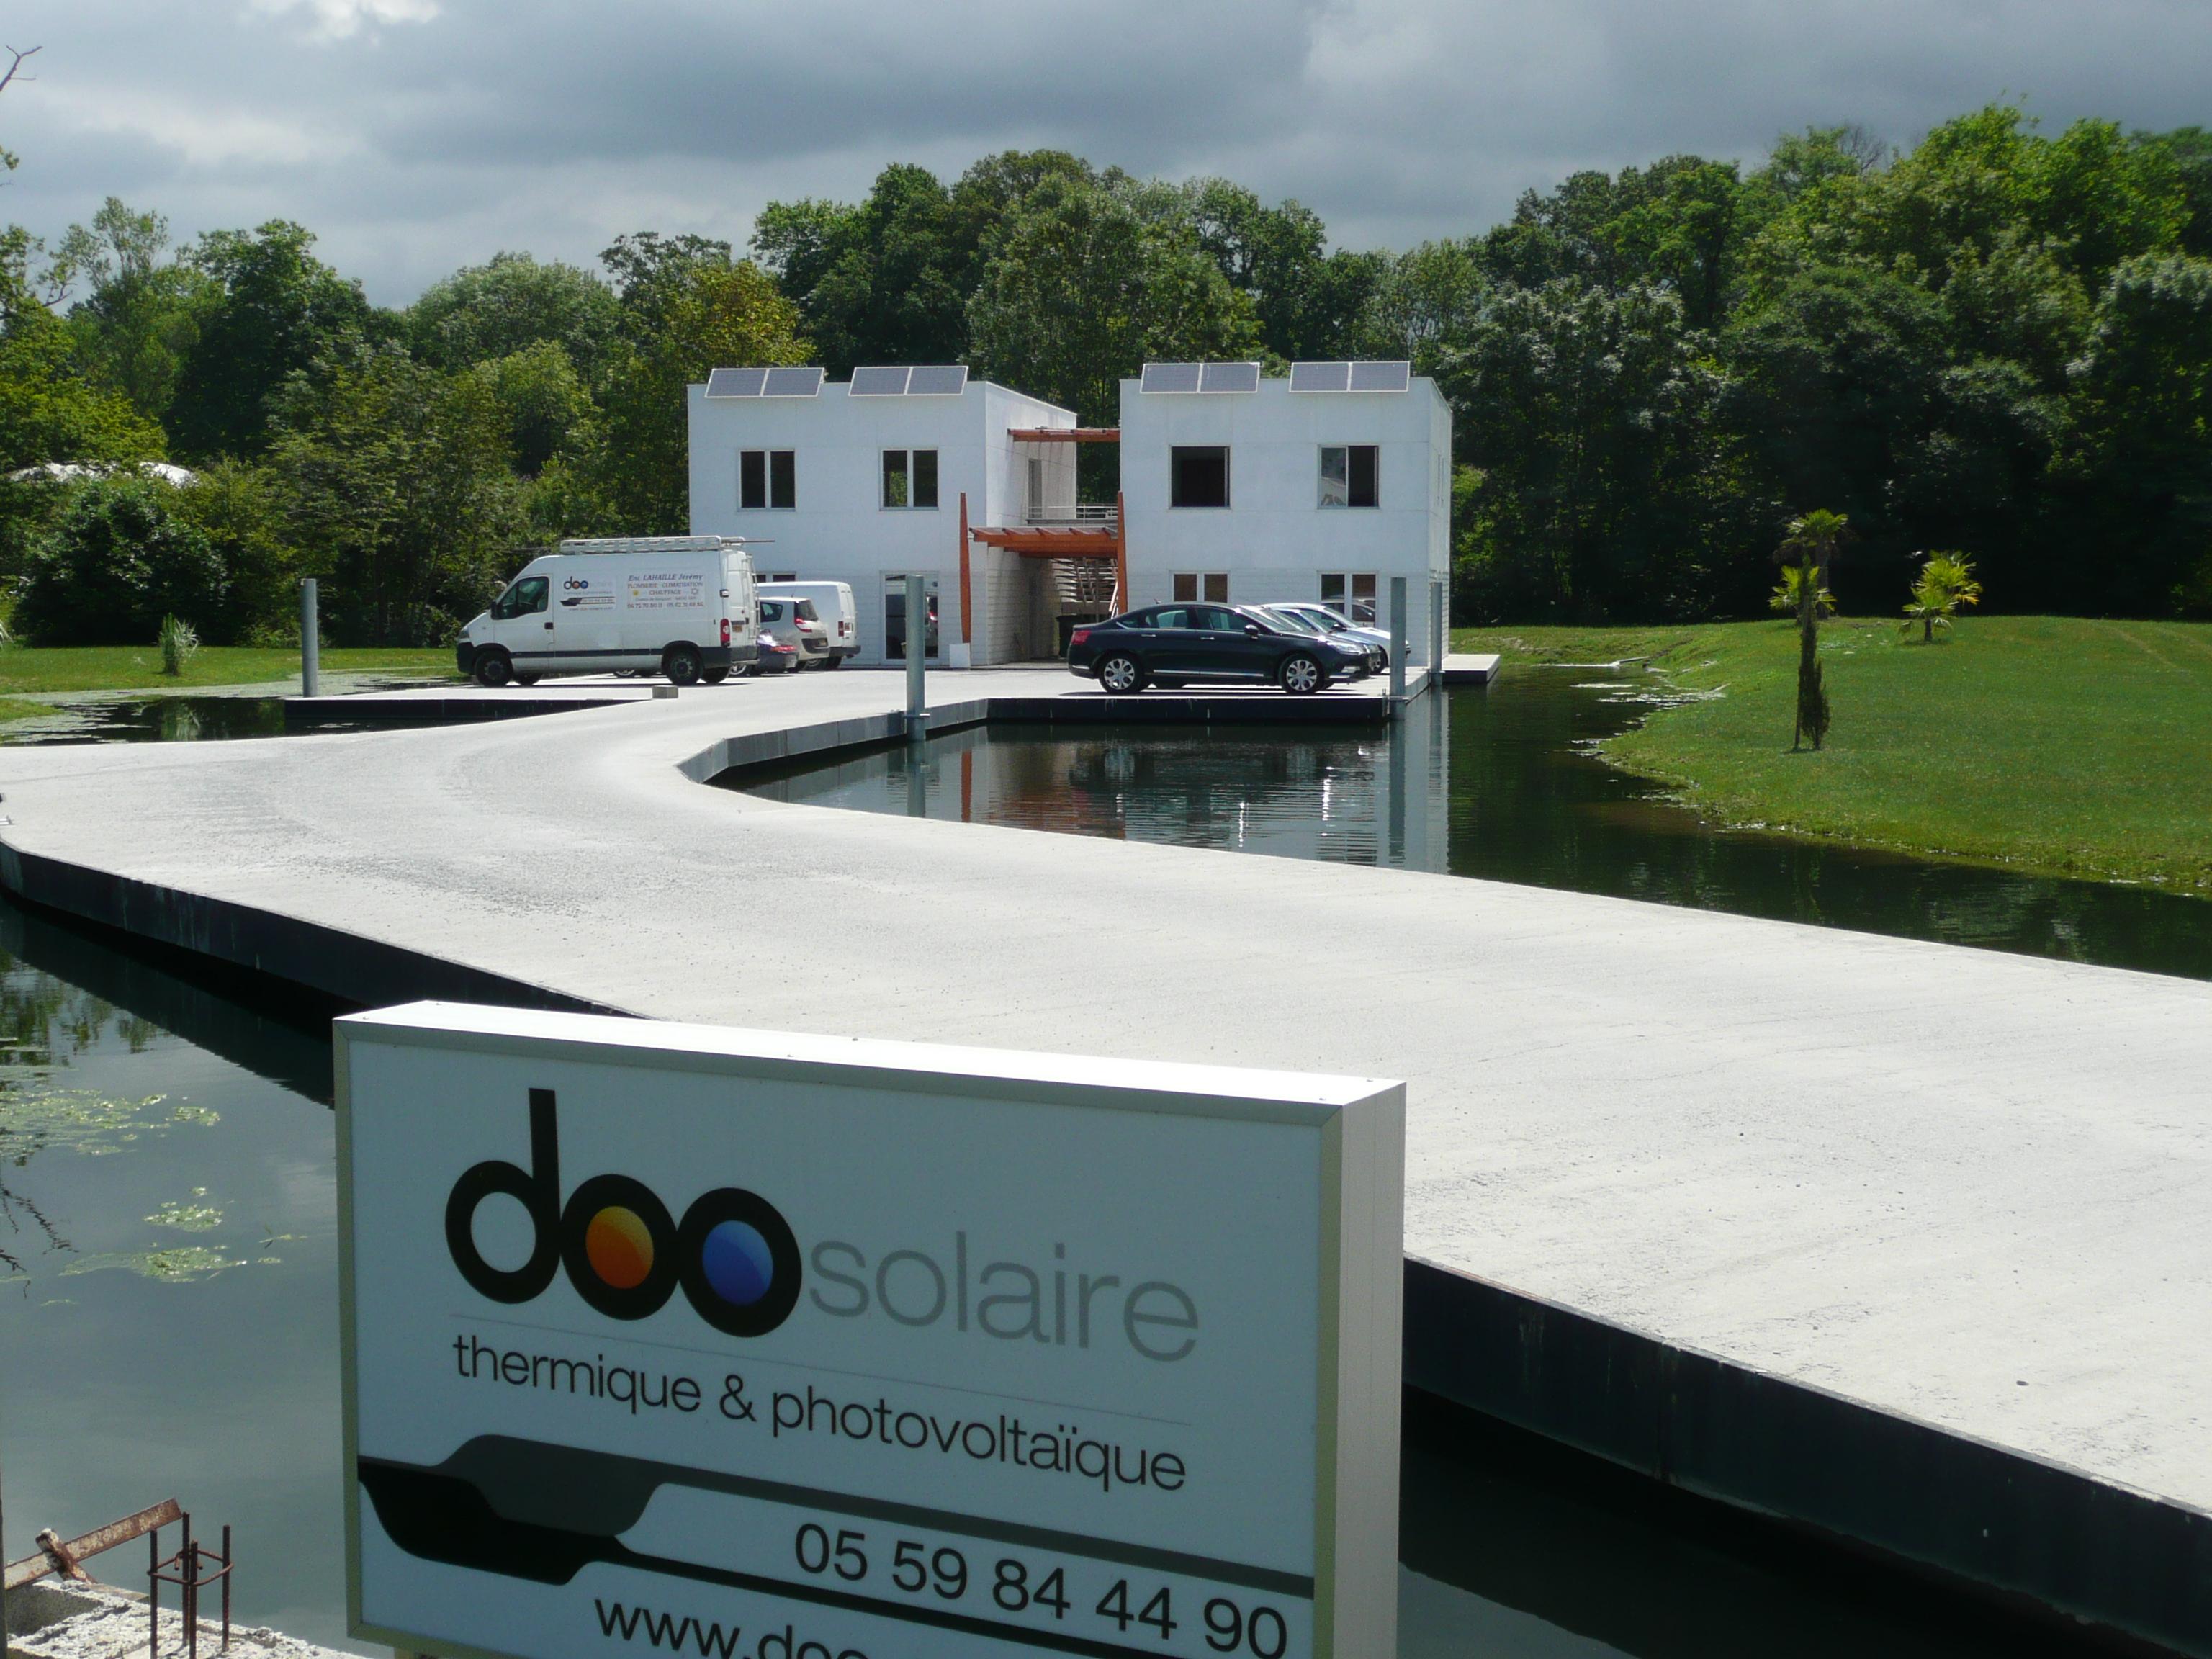 esprit partenaire installation solaire thermique et photovolta que pyr n es atlantiques 64. Black Bedroom Furniture Sets. Home Design Ideas